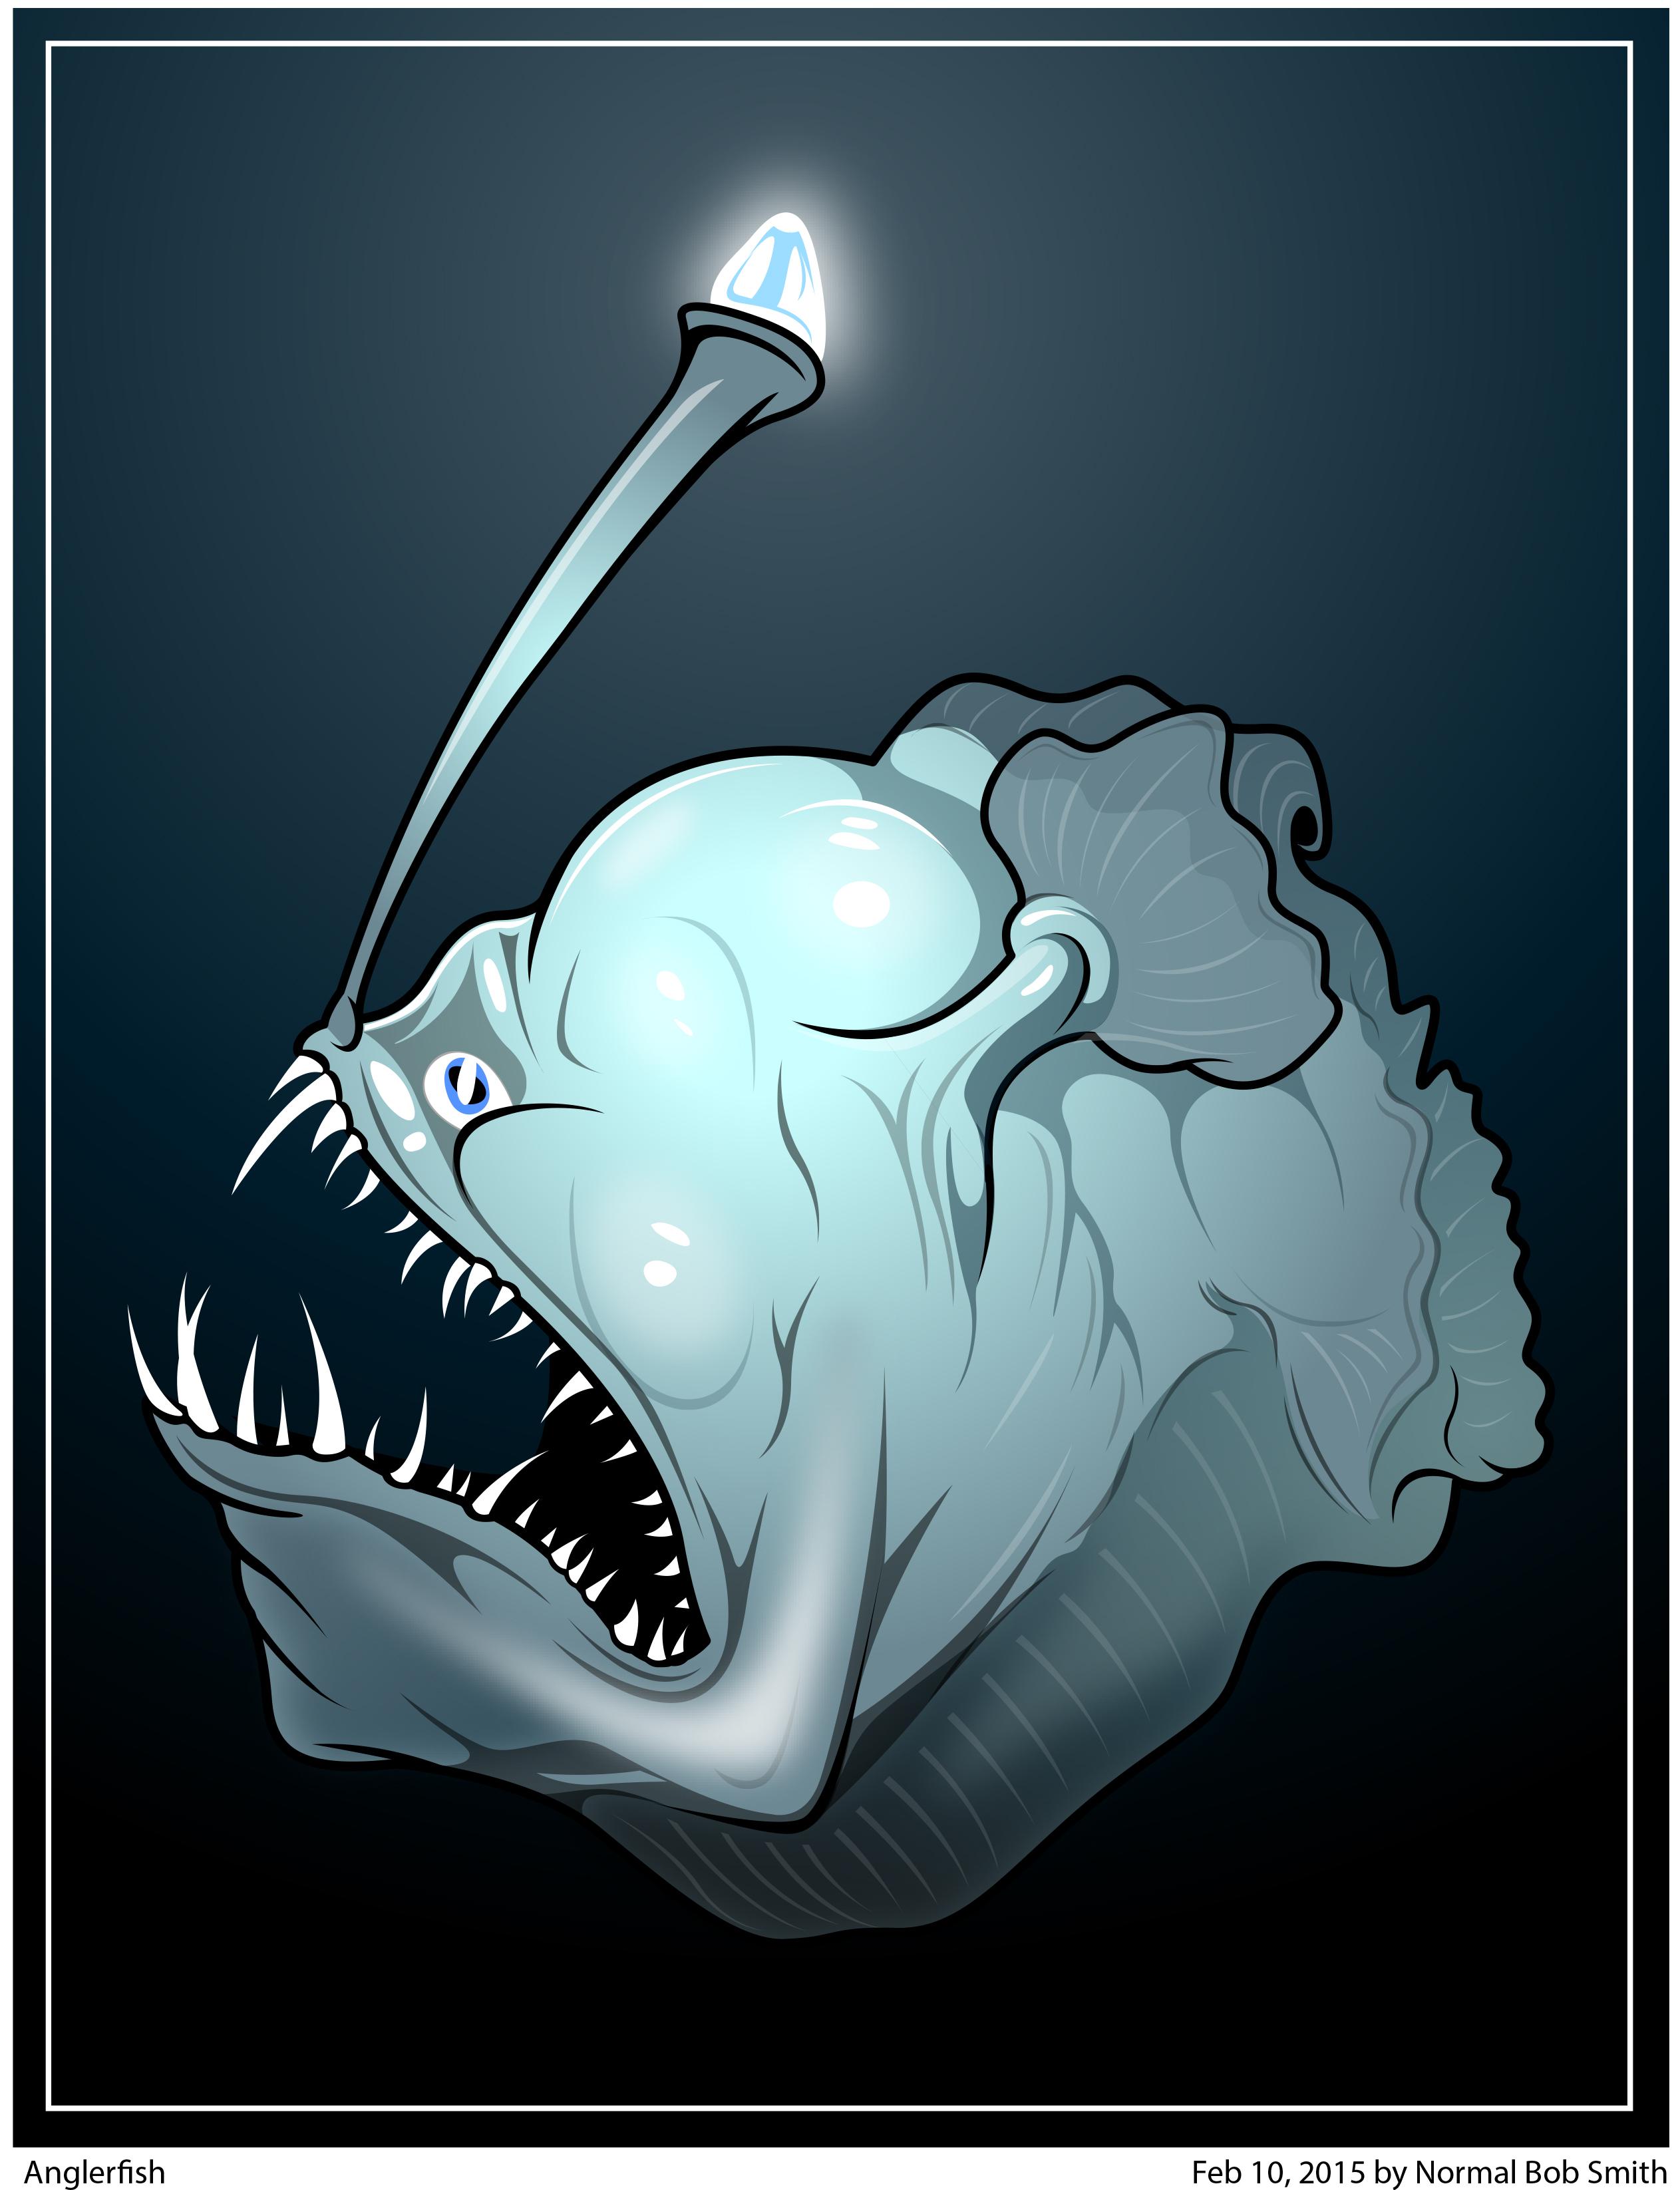 anglerfish art